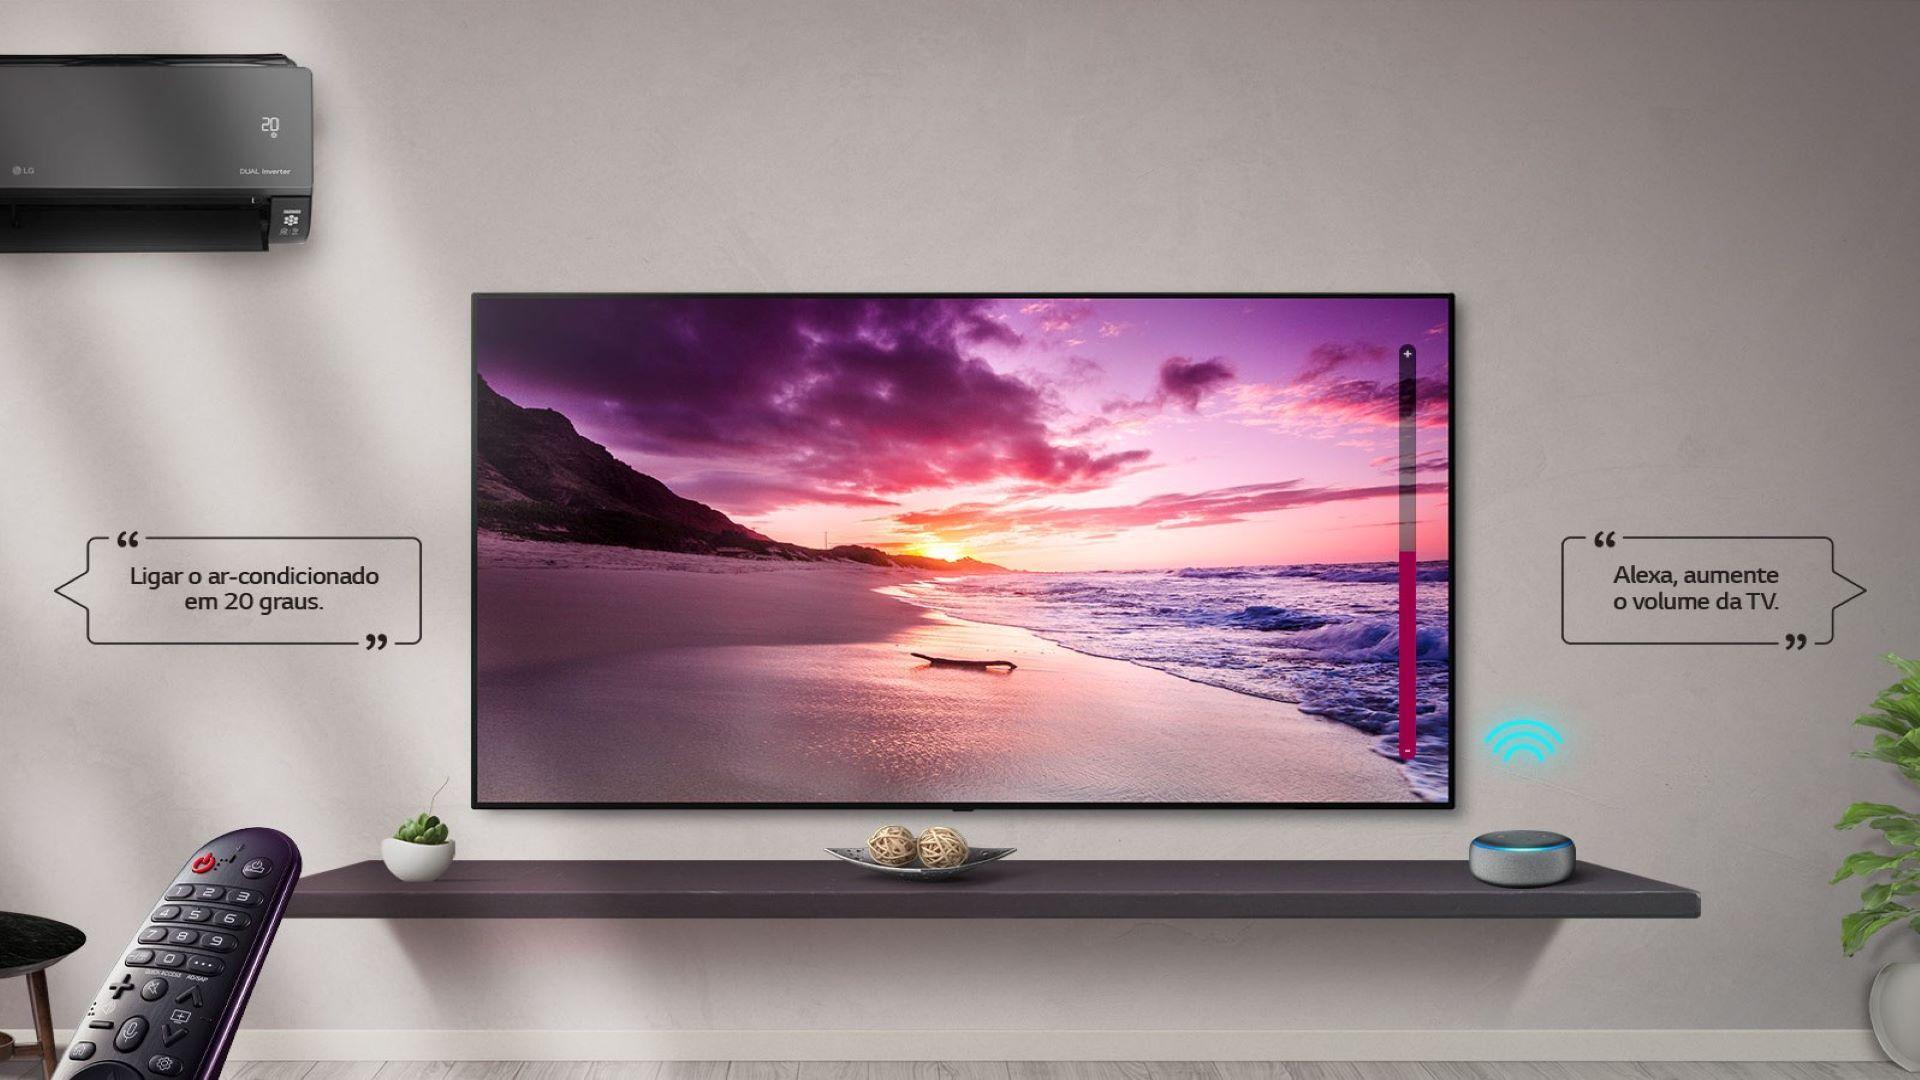 TV sincroniza dispositivos inteligentes e admite controle por voz (Foto: Divulgação/ LG)